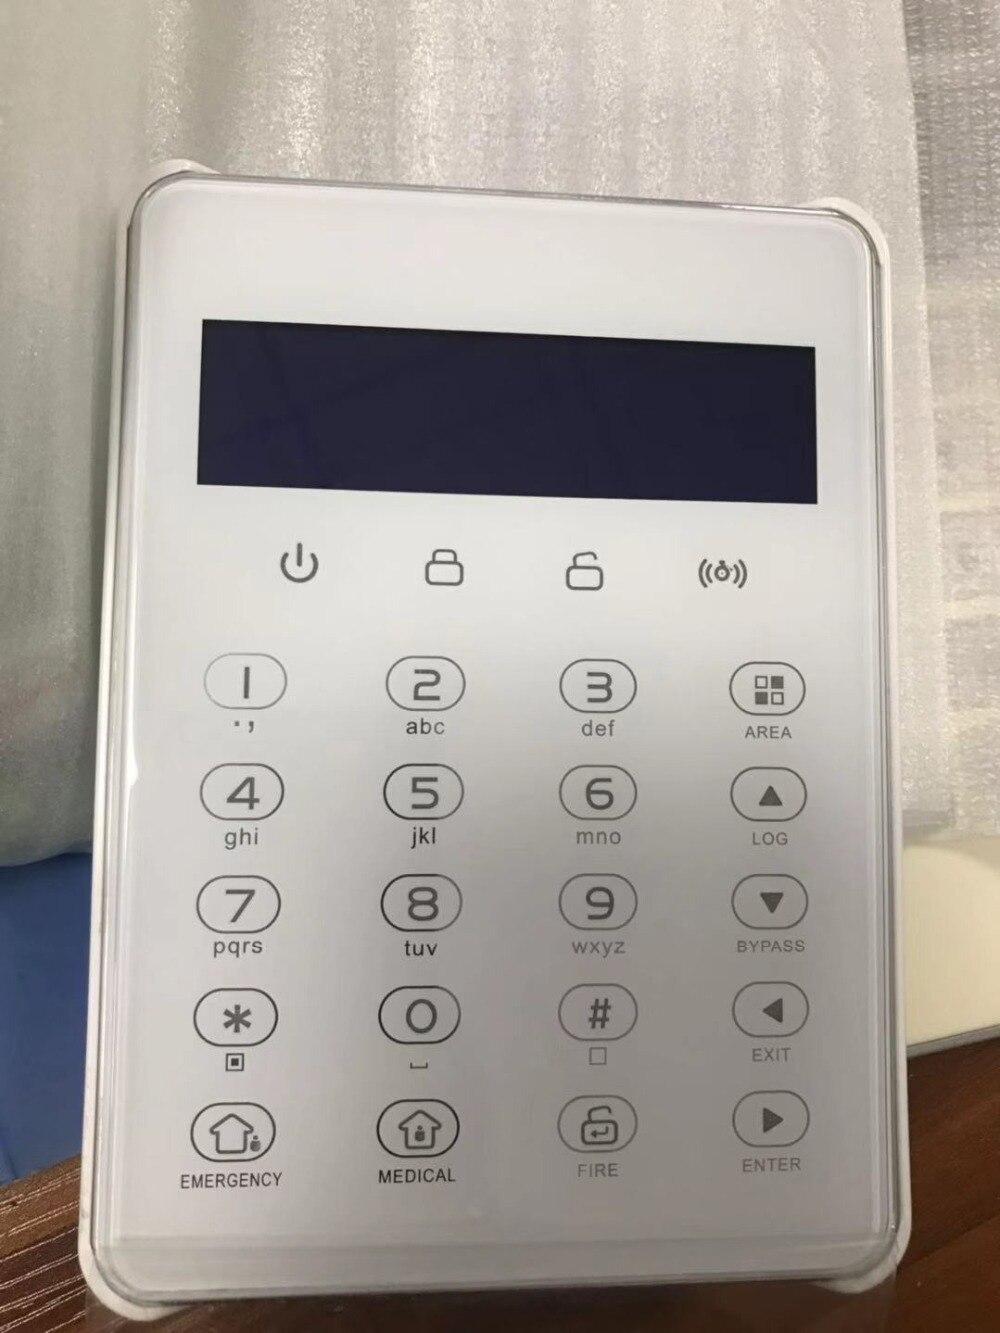 Wired Industrie Alarm FC 7688 Plus TCP IP Sicherheit Alarm GSM Alarm Mit 96 Verdrahtet Smart Alarm System mit WebIE Control überall - 3